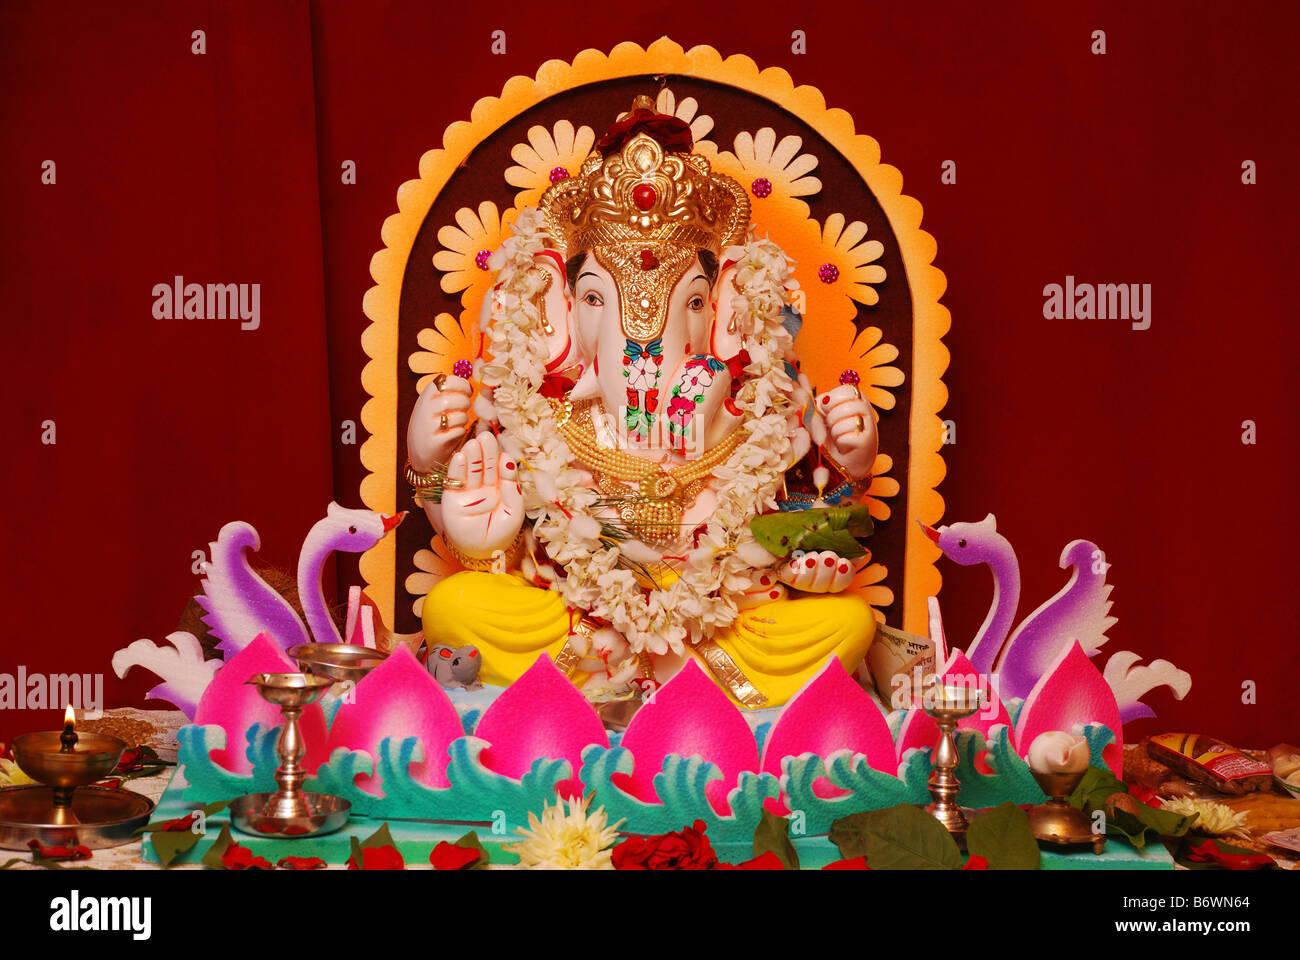 Gesso di Parigi tridimensionale statua della divinità Indù Signore Ganesh. Maharashtra, India. Immagini Stock